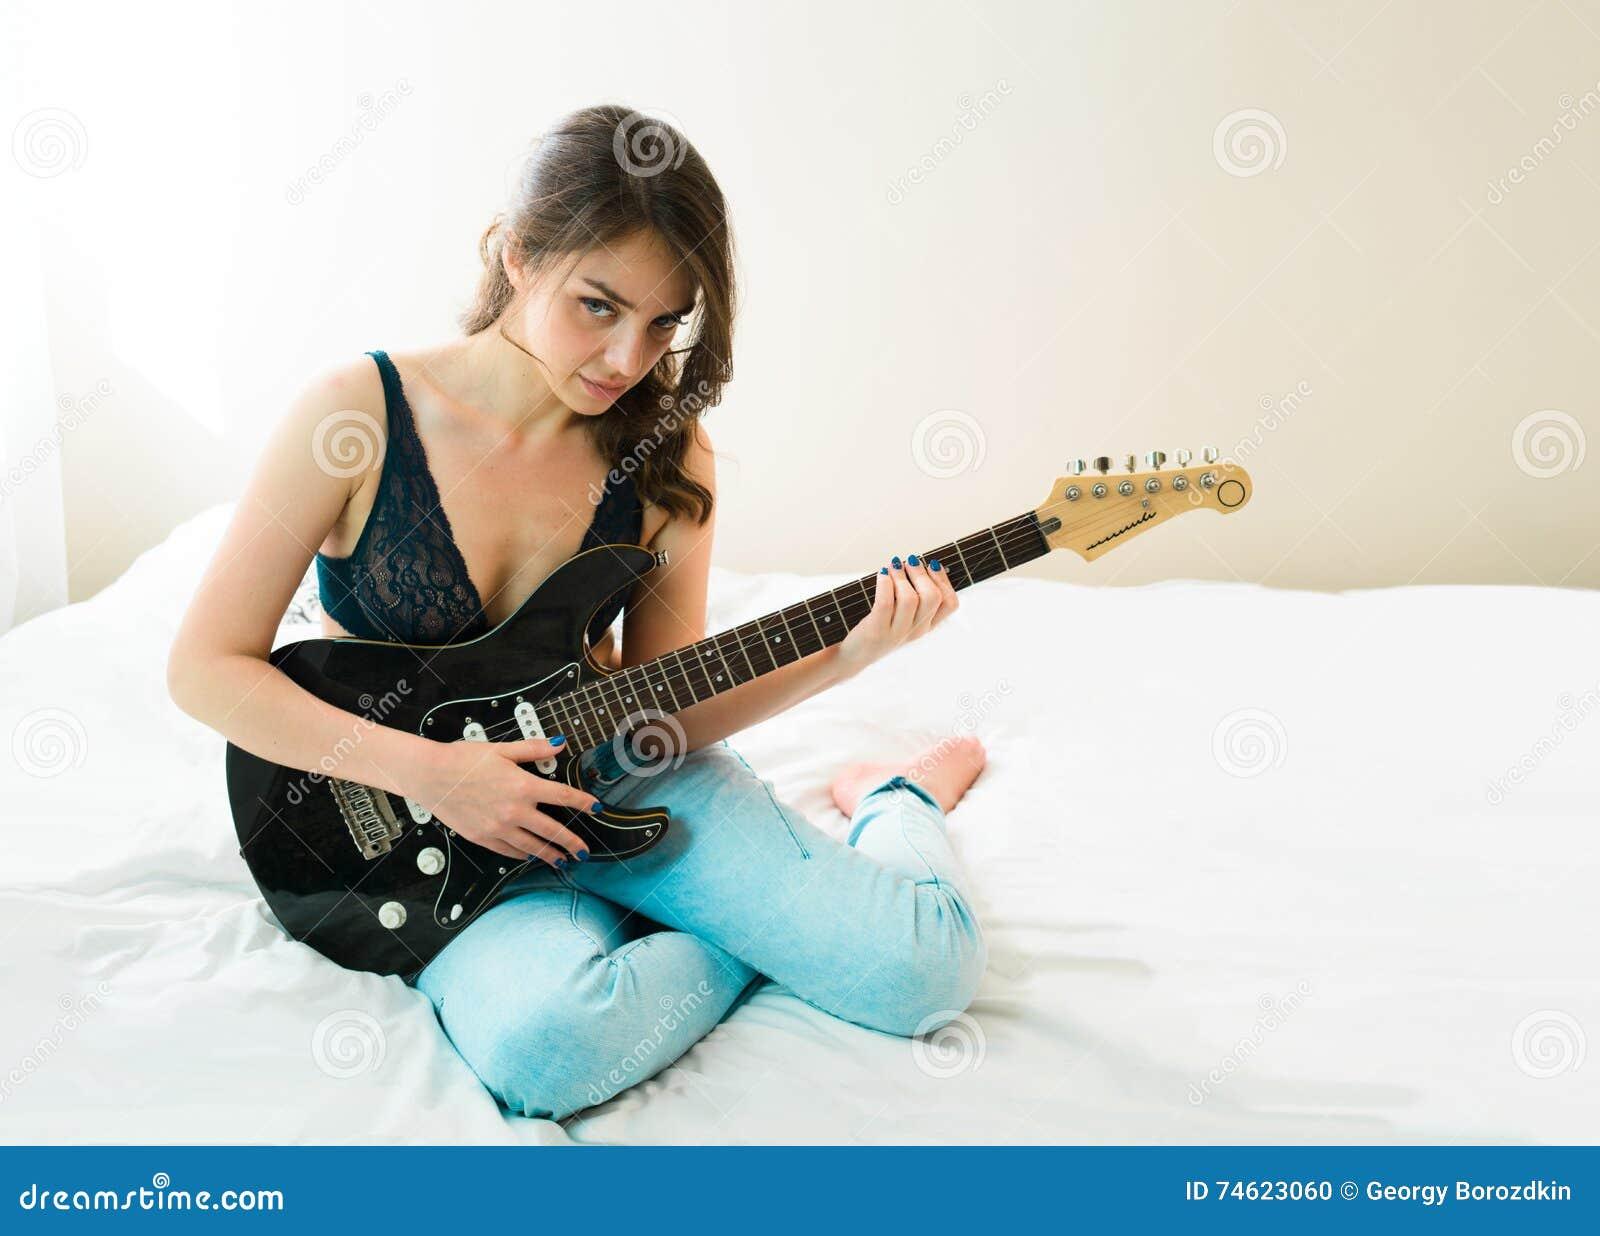 guitar lingerie Girl